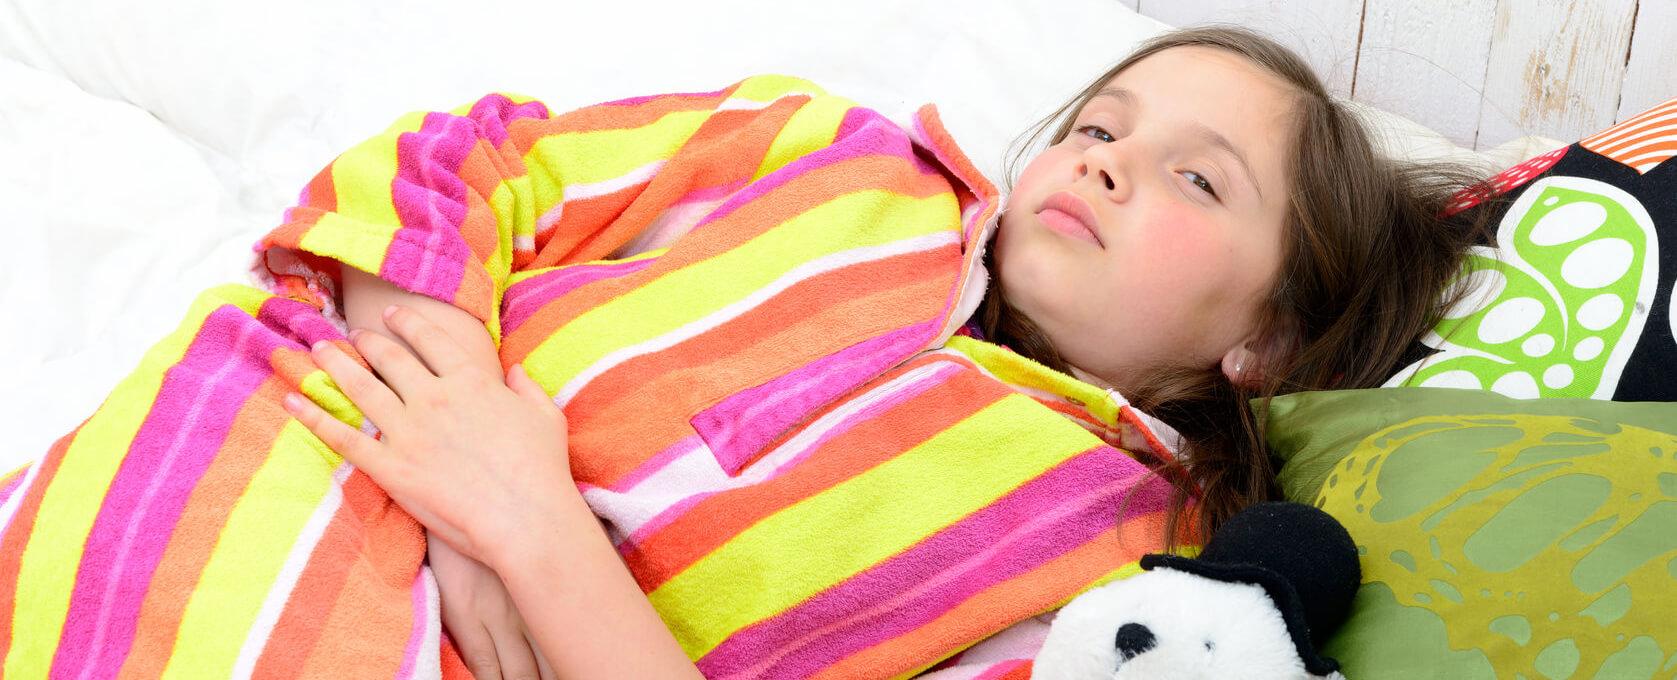 Что делать, если у ребенка понос и болит живот